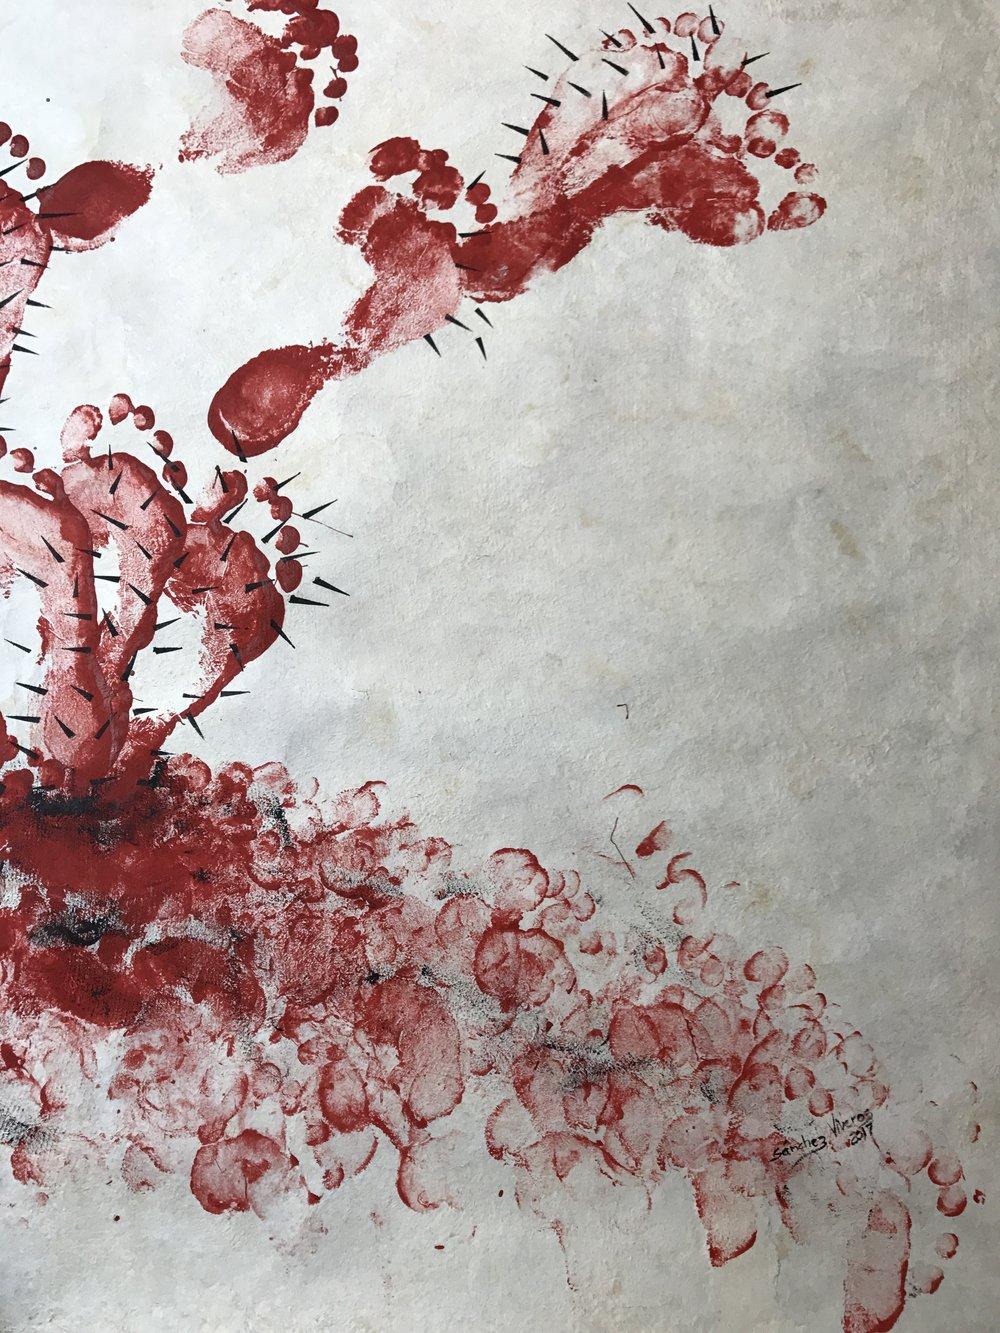 Copil , 2017  Estampado Corporal con Pintura Acrílica Sobre Papel Amate  241 x 120 cm